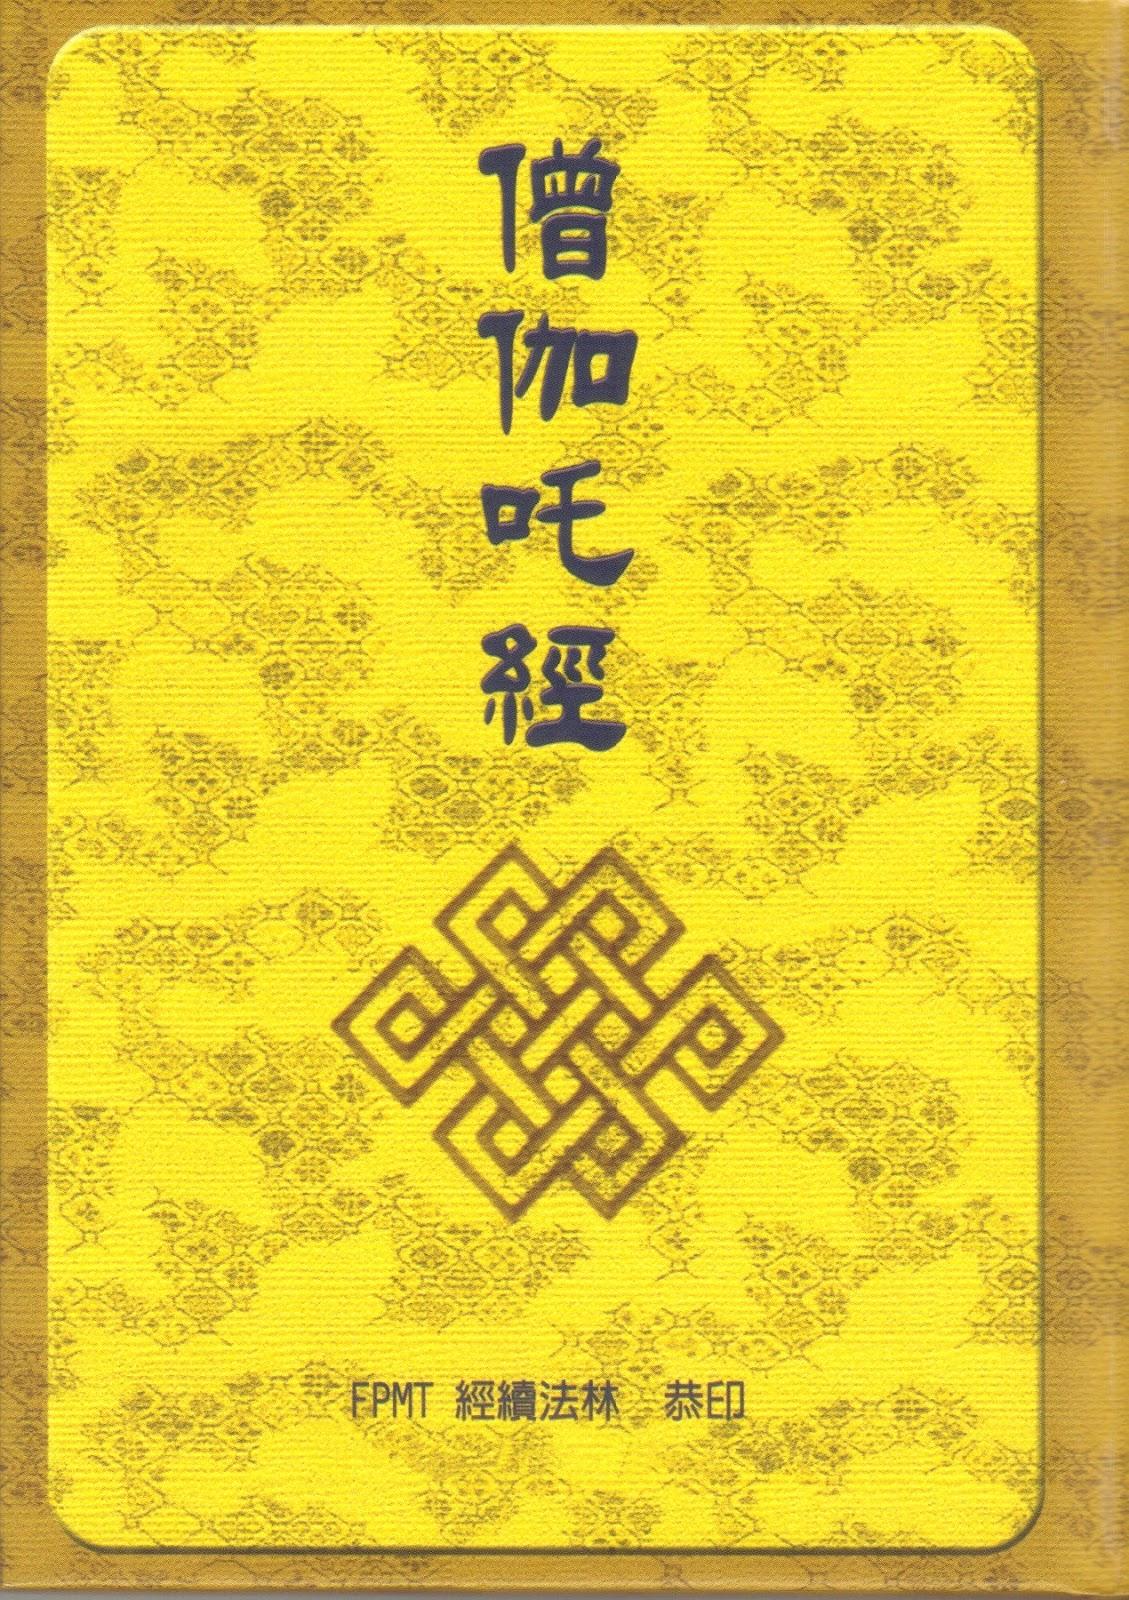 FPMT Taipei - Jinsiu Farlin 經續法林: 書籍